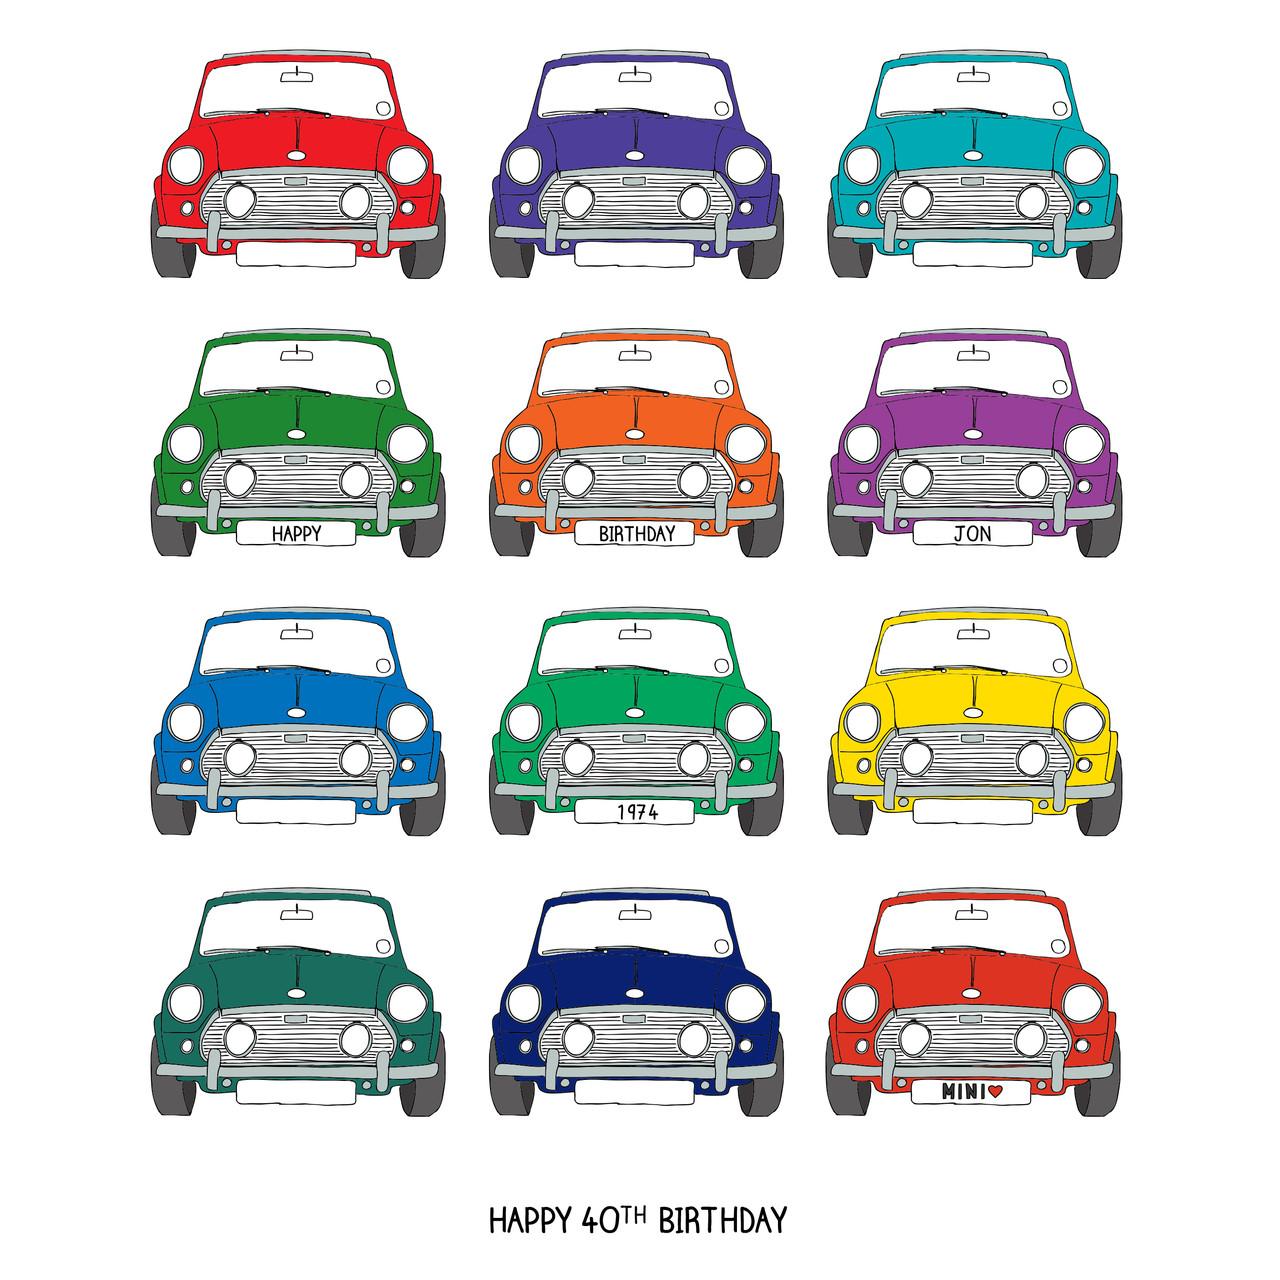 Print Example: Personalised Mini Cooper Car Print